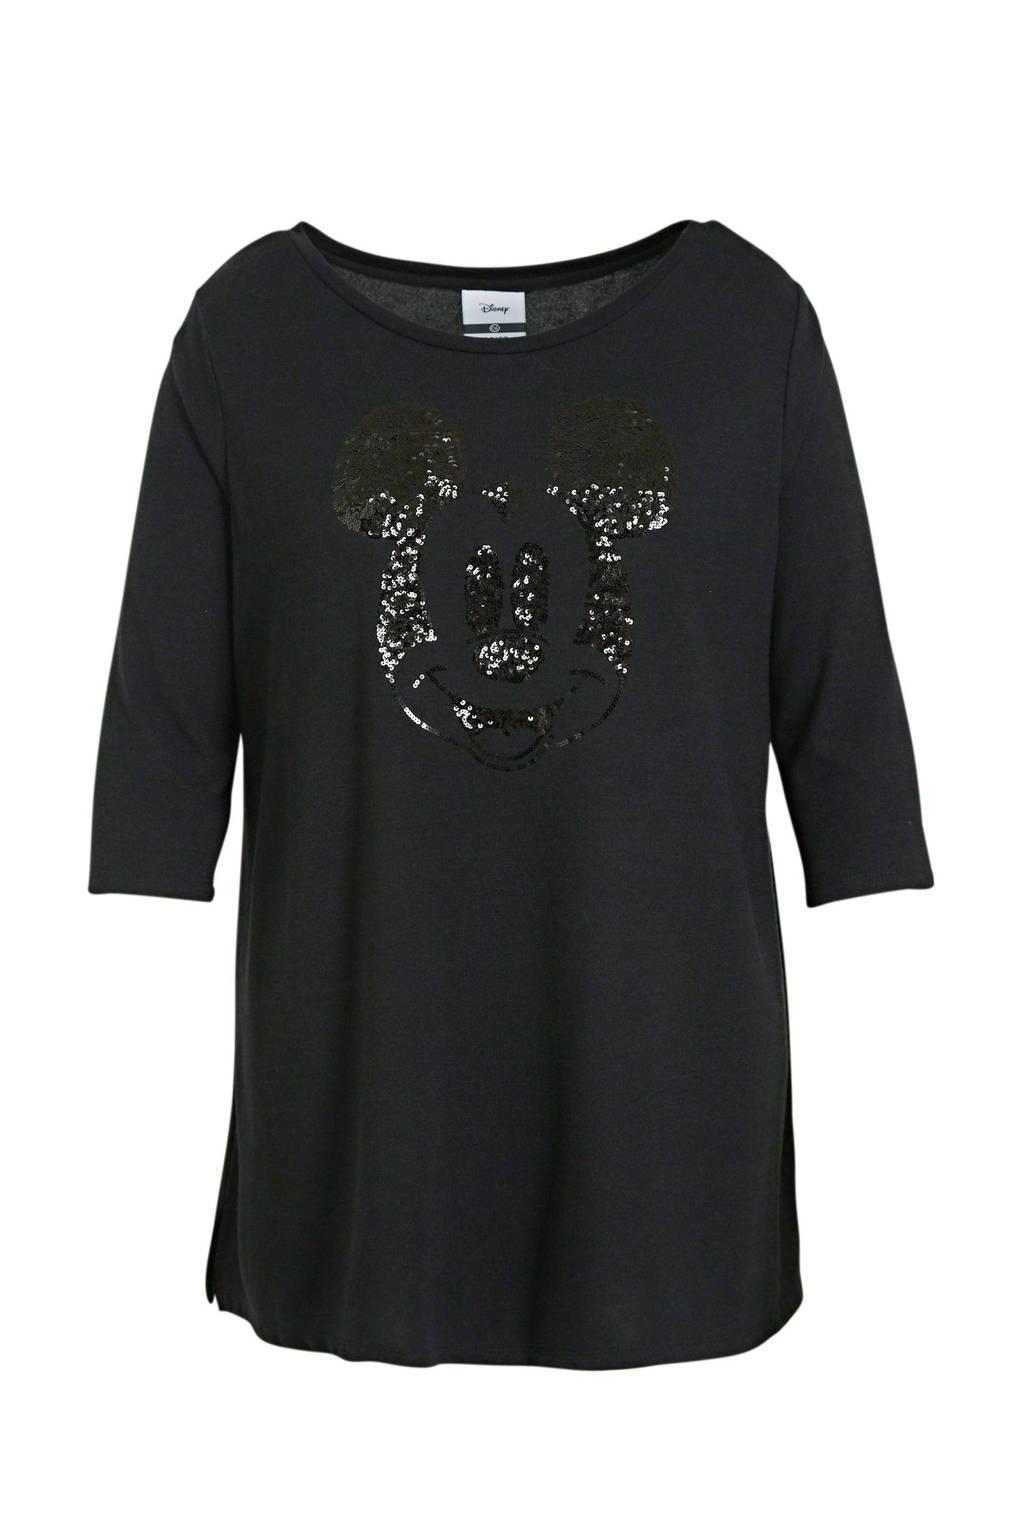 Disney @ C&A Minnie Mouse T-shirt met strass steentjes zwart, Zwart